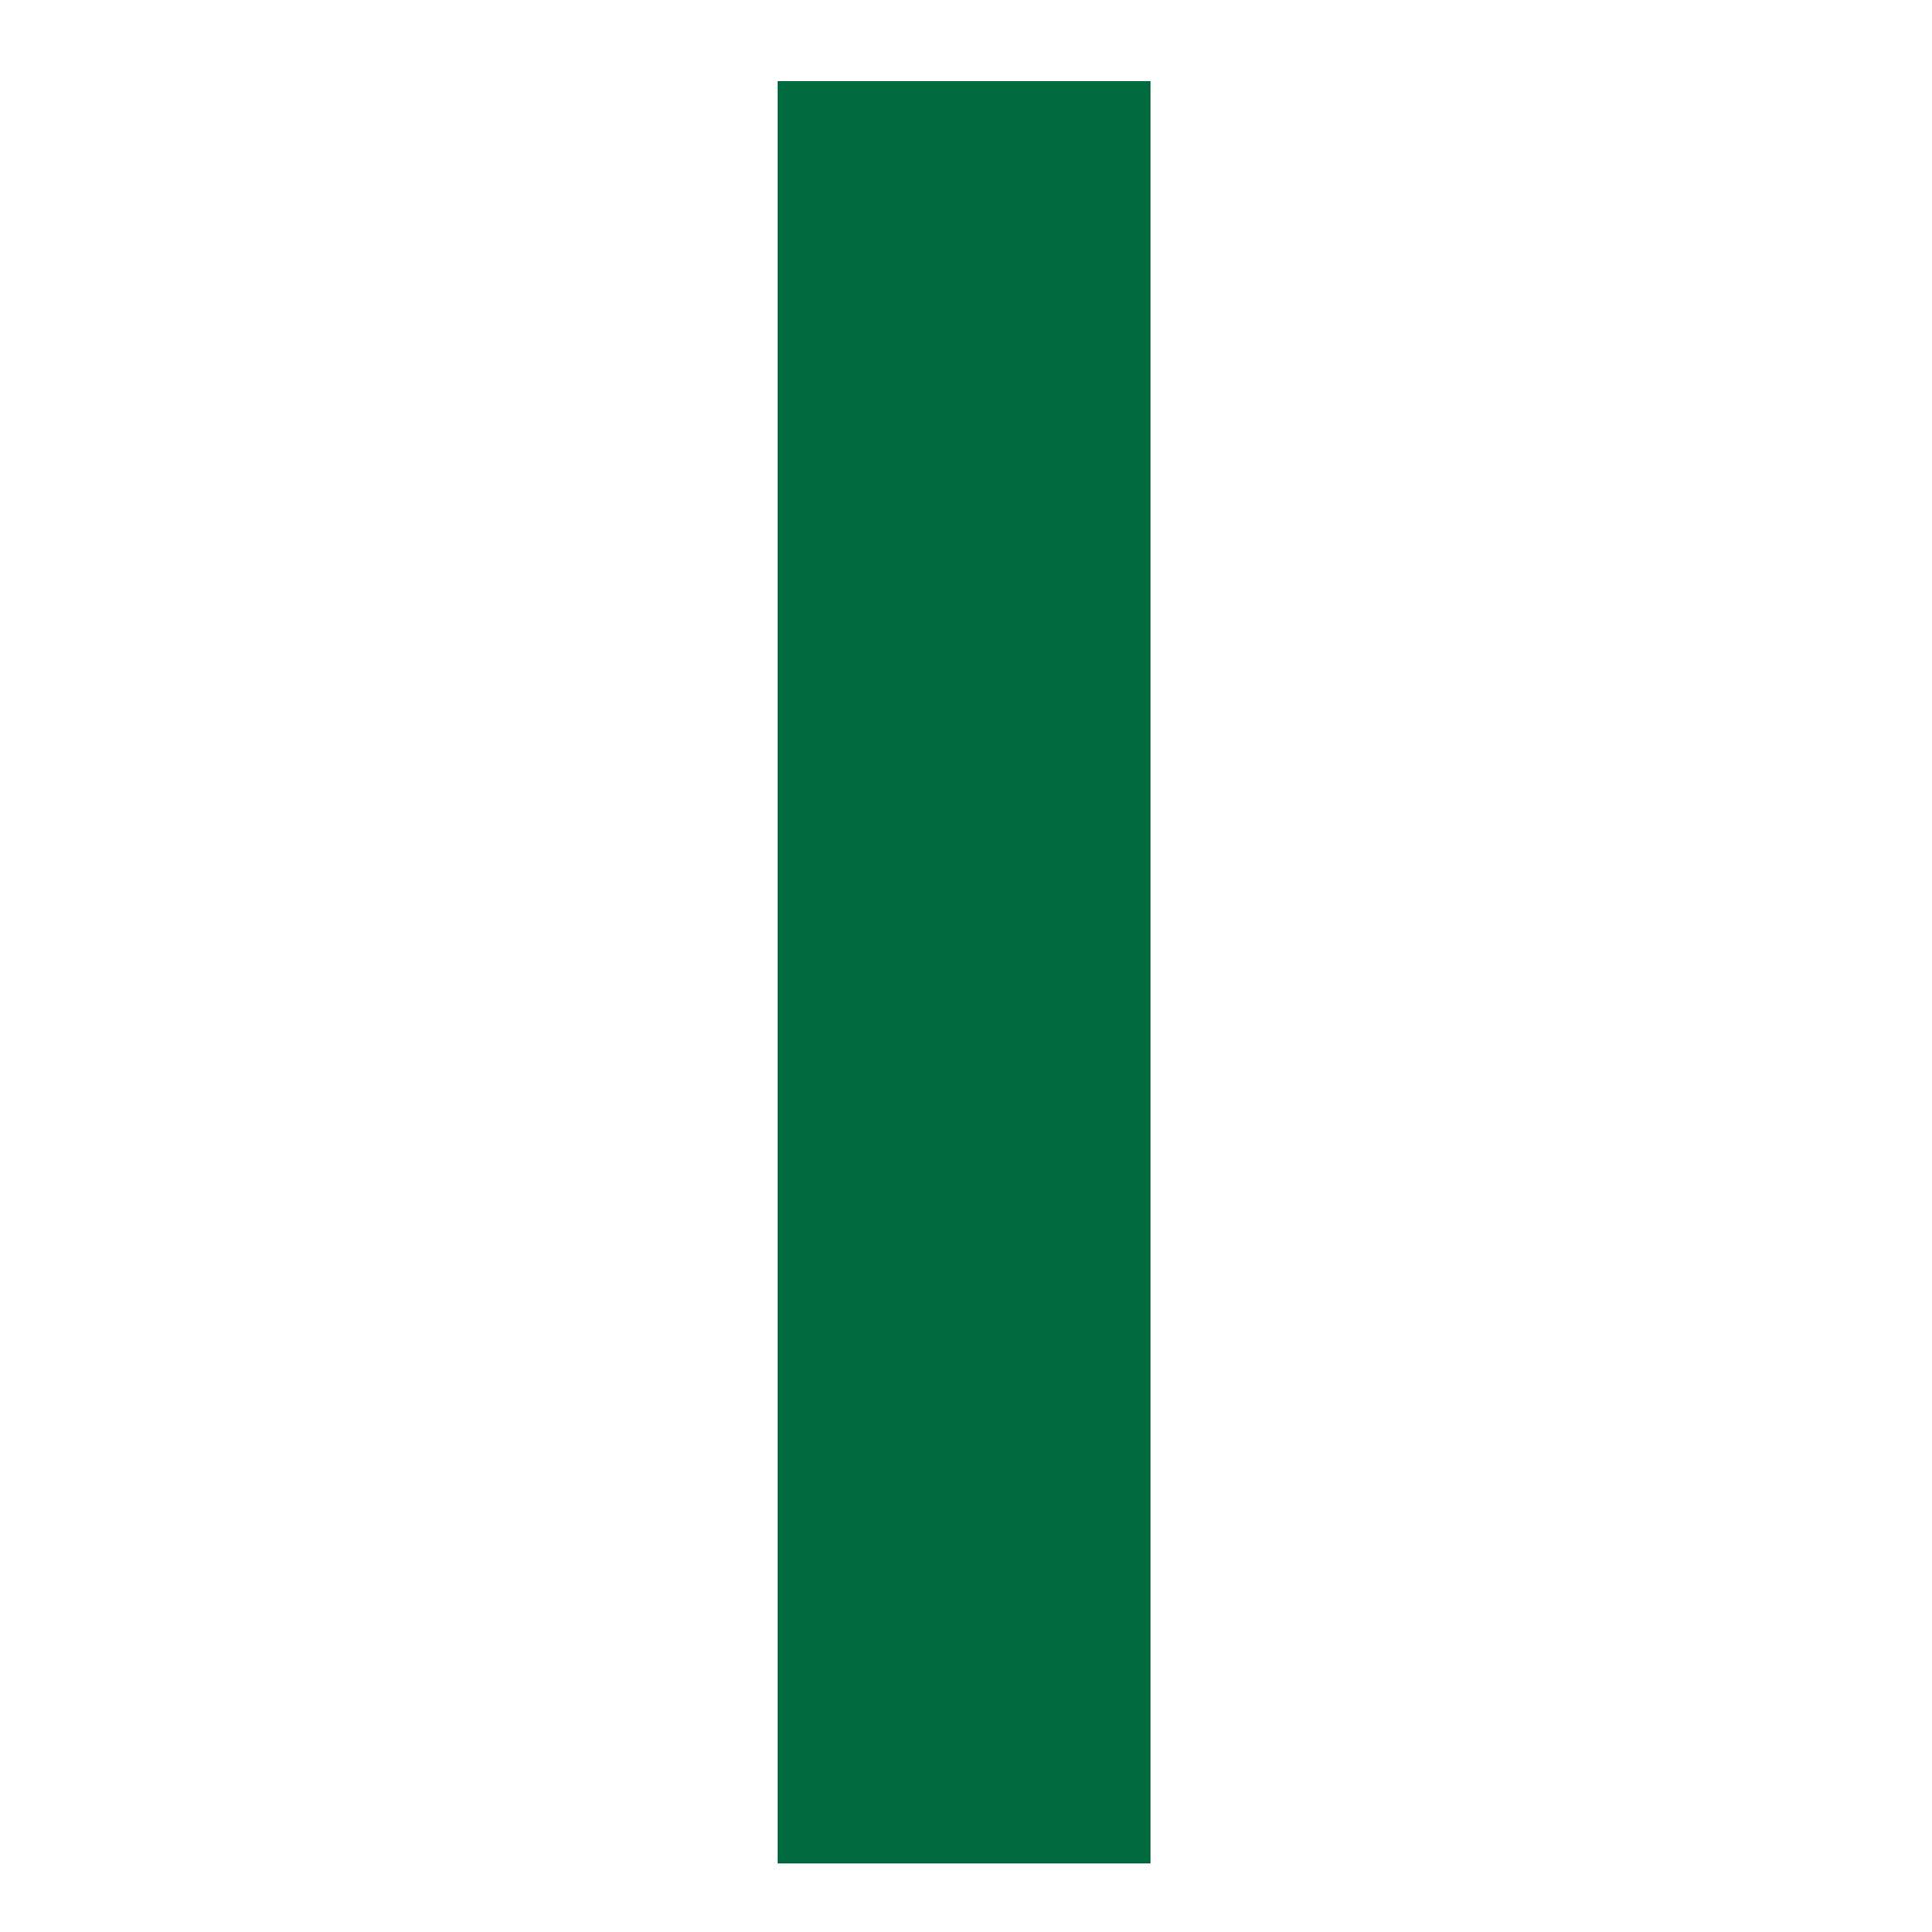 275看板用目隠しカバー(無地)H1400xW285